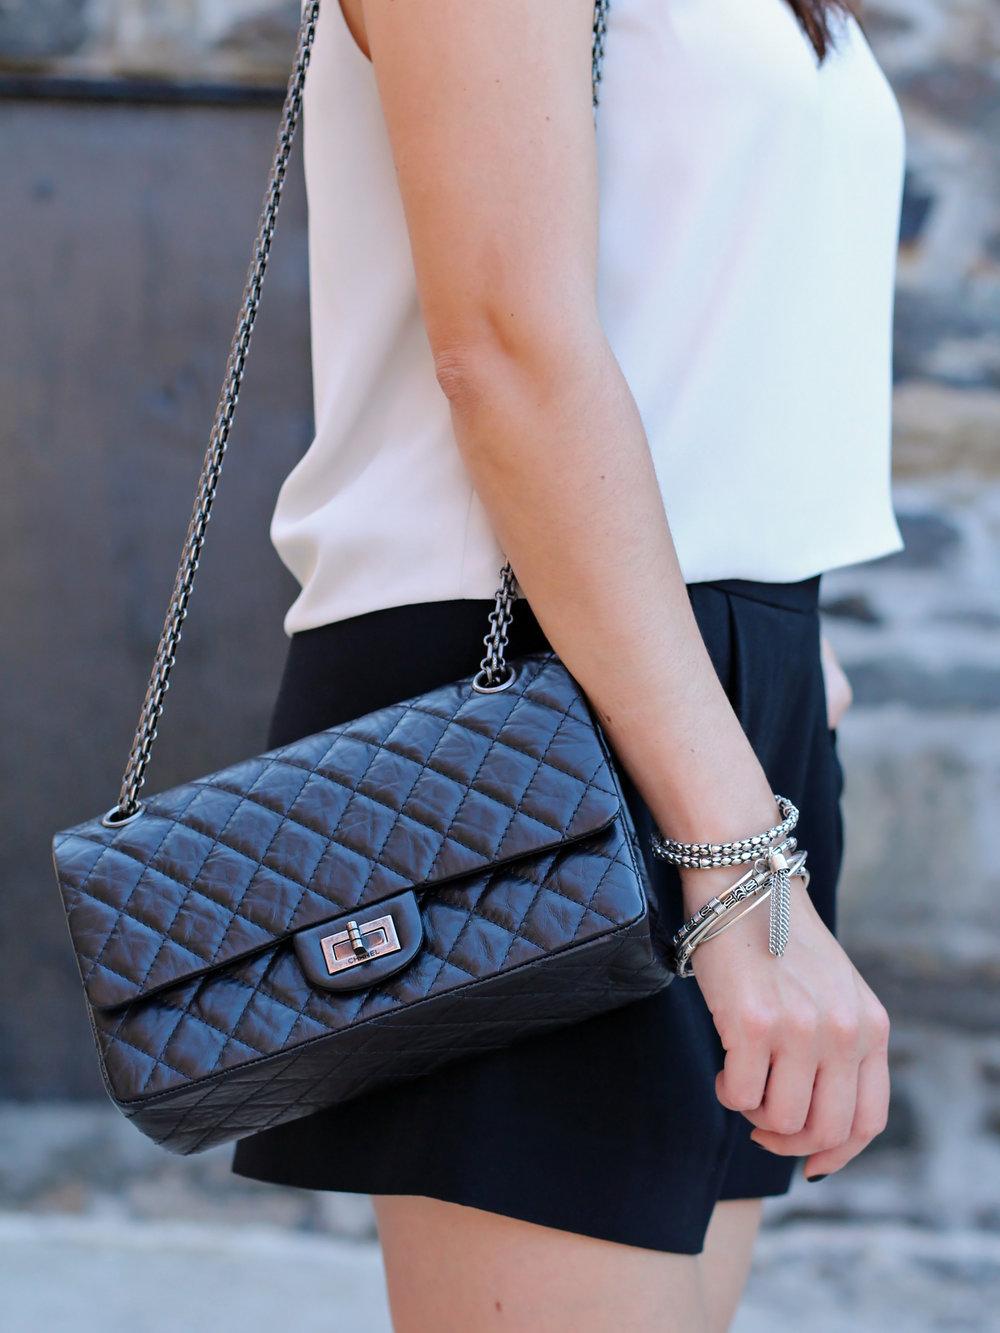 Chanel 2.55 Reissue